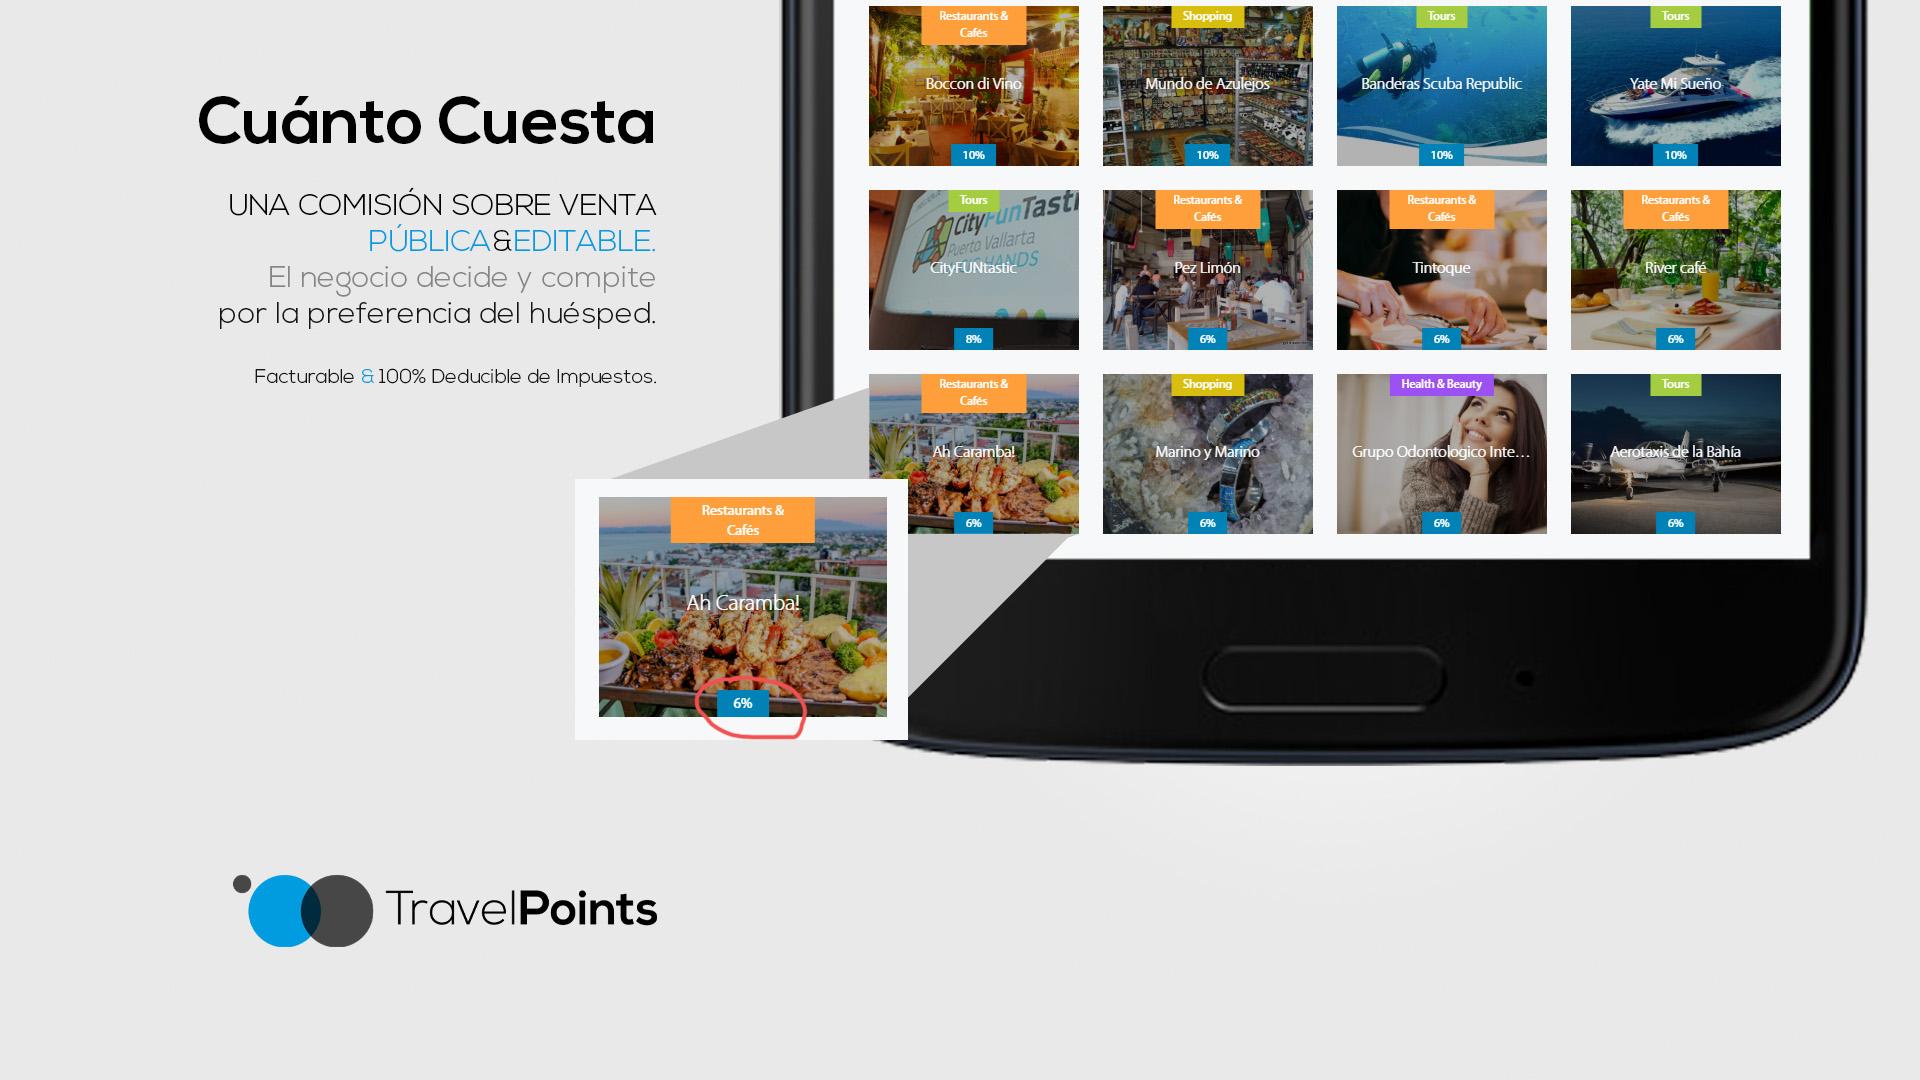 50 Travel Points diapositiva power point presentacion hotel para anunciantes cuanto cuesta